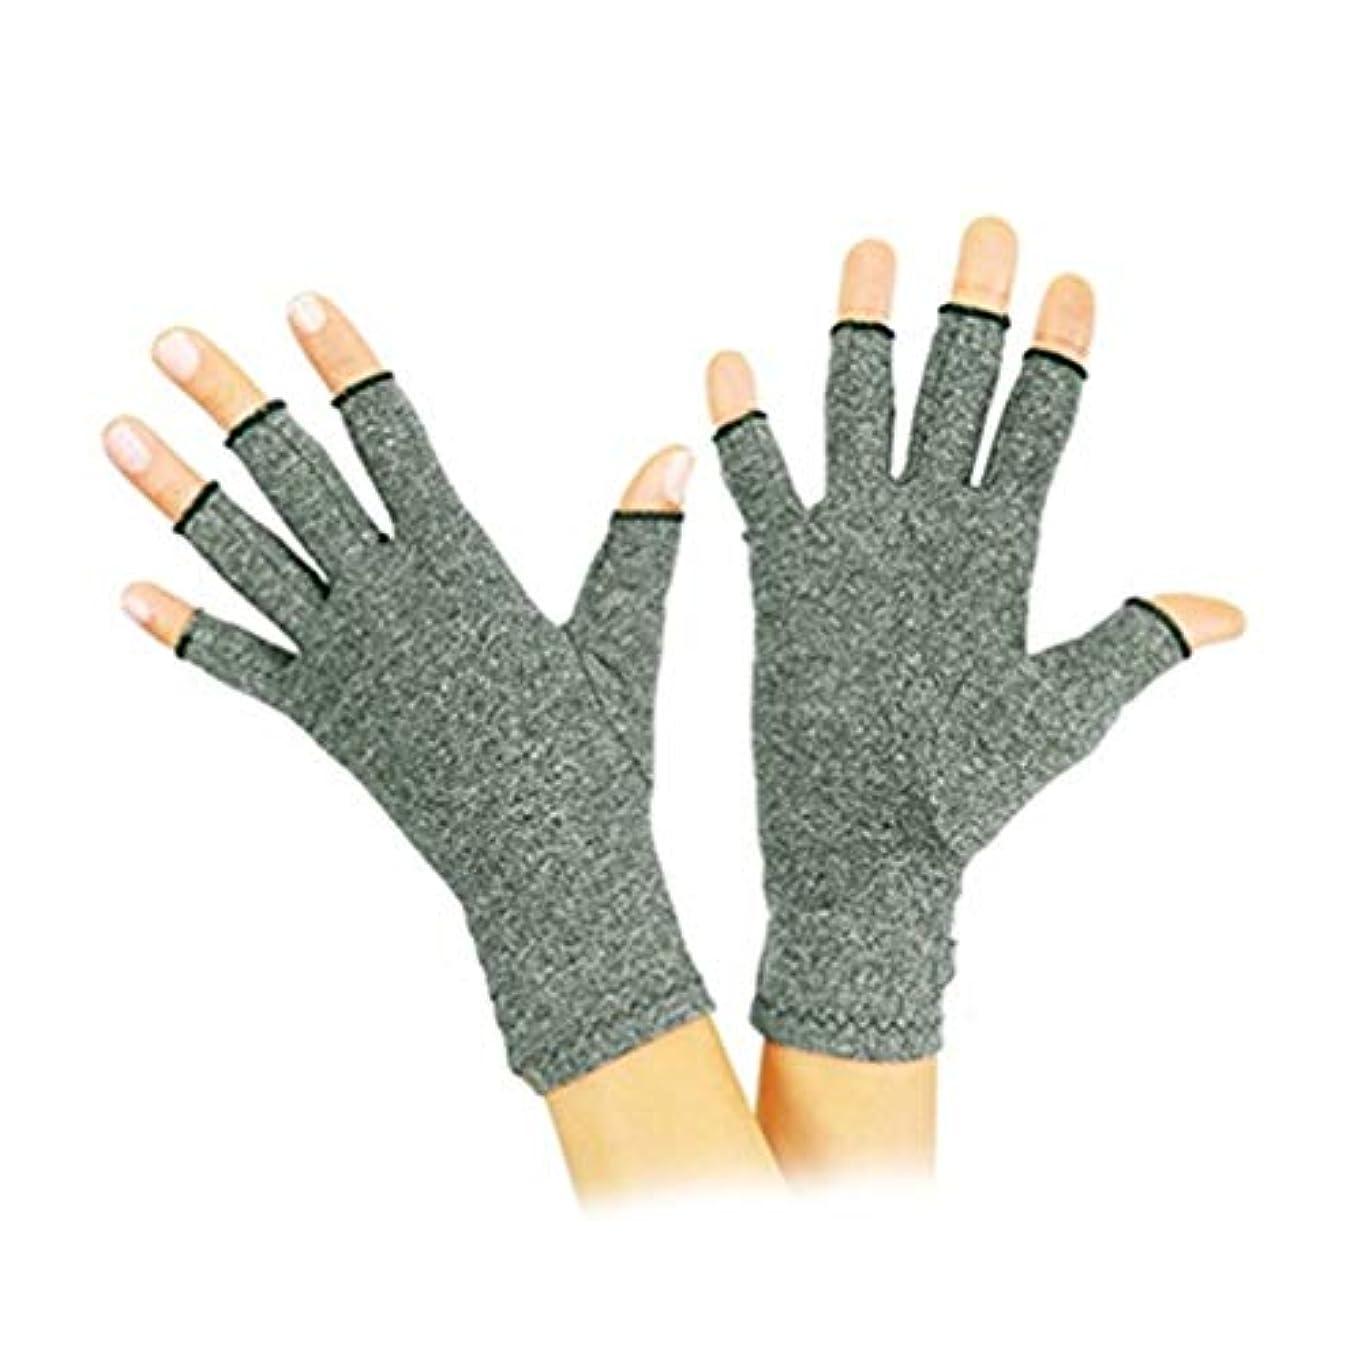 優先権仮定優しい関節リウマチリウマチ性変形性関節症用手袋圧縮手袋コンピュータ入力用痛み緩和